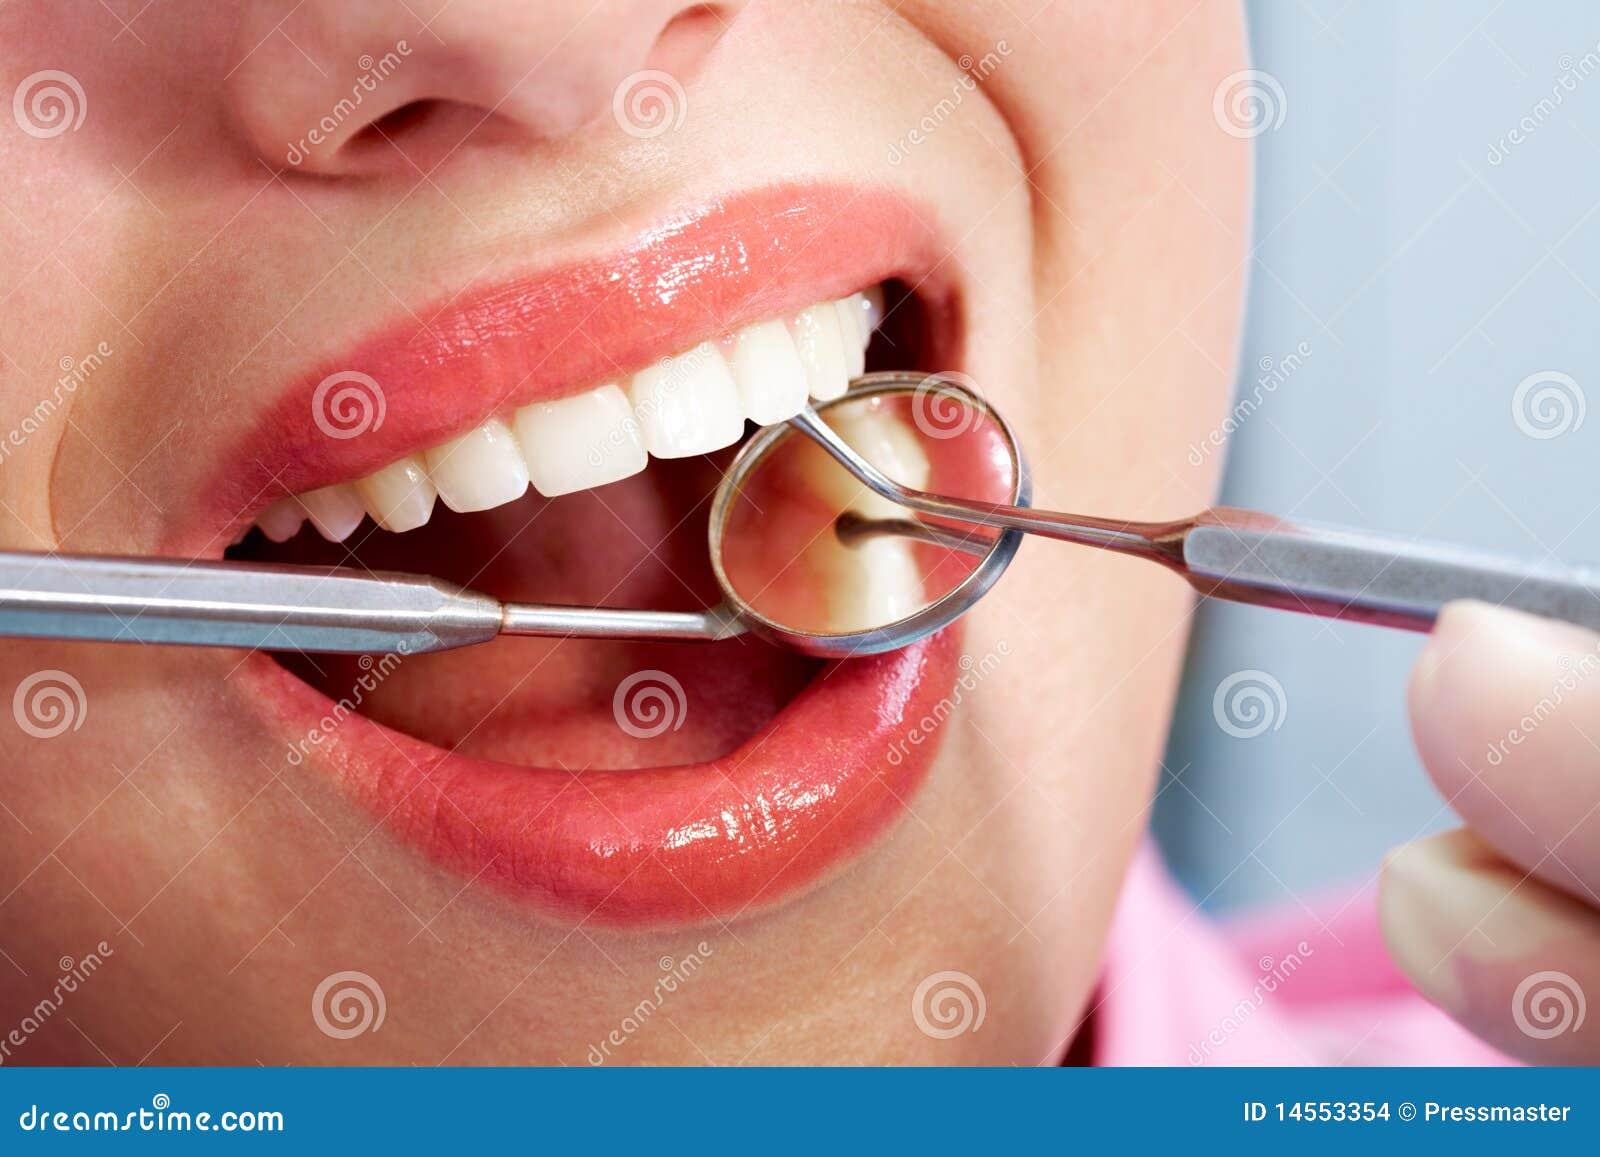 Chequeo dental